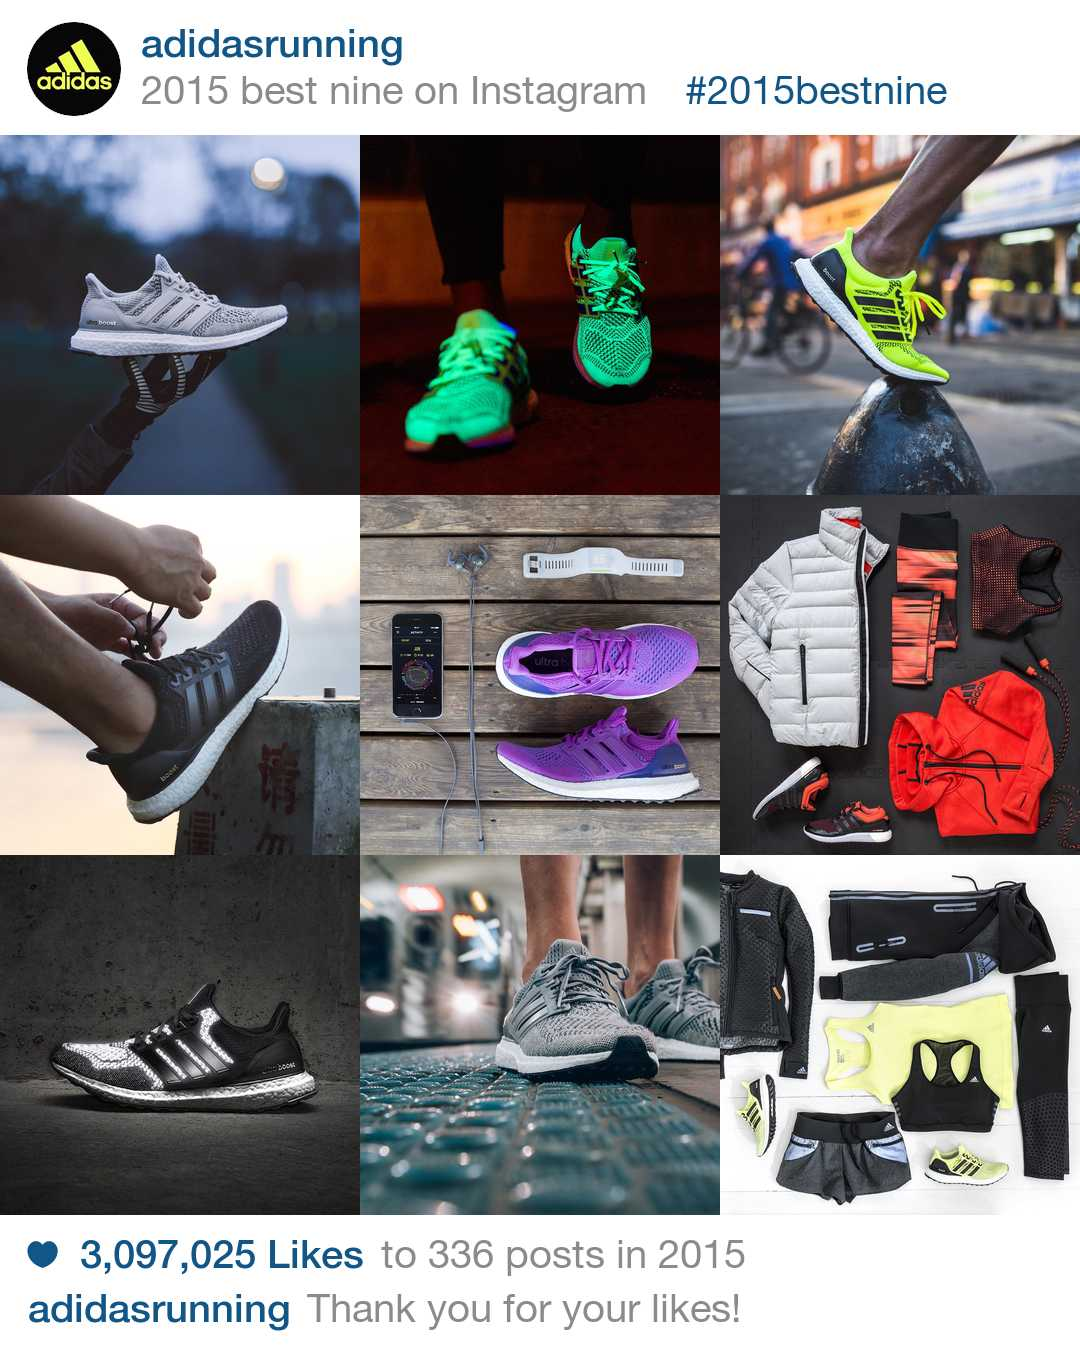 adidasrunning_full